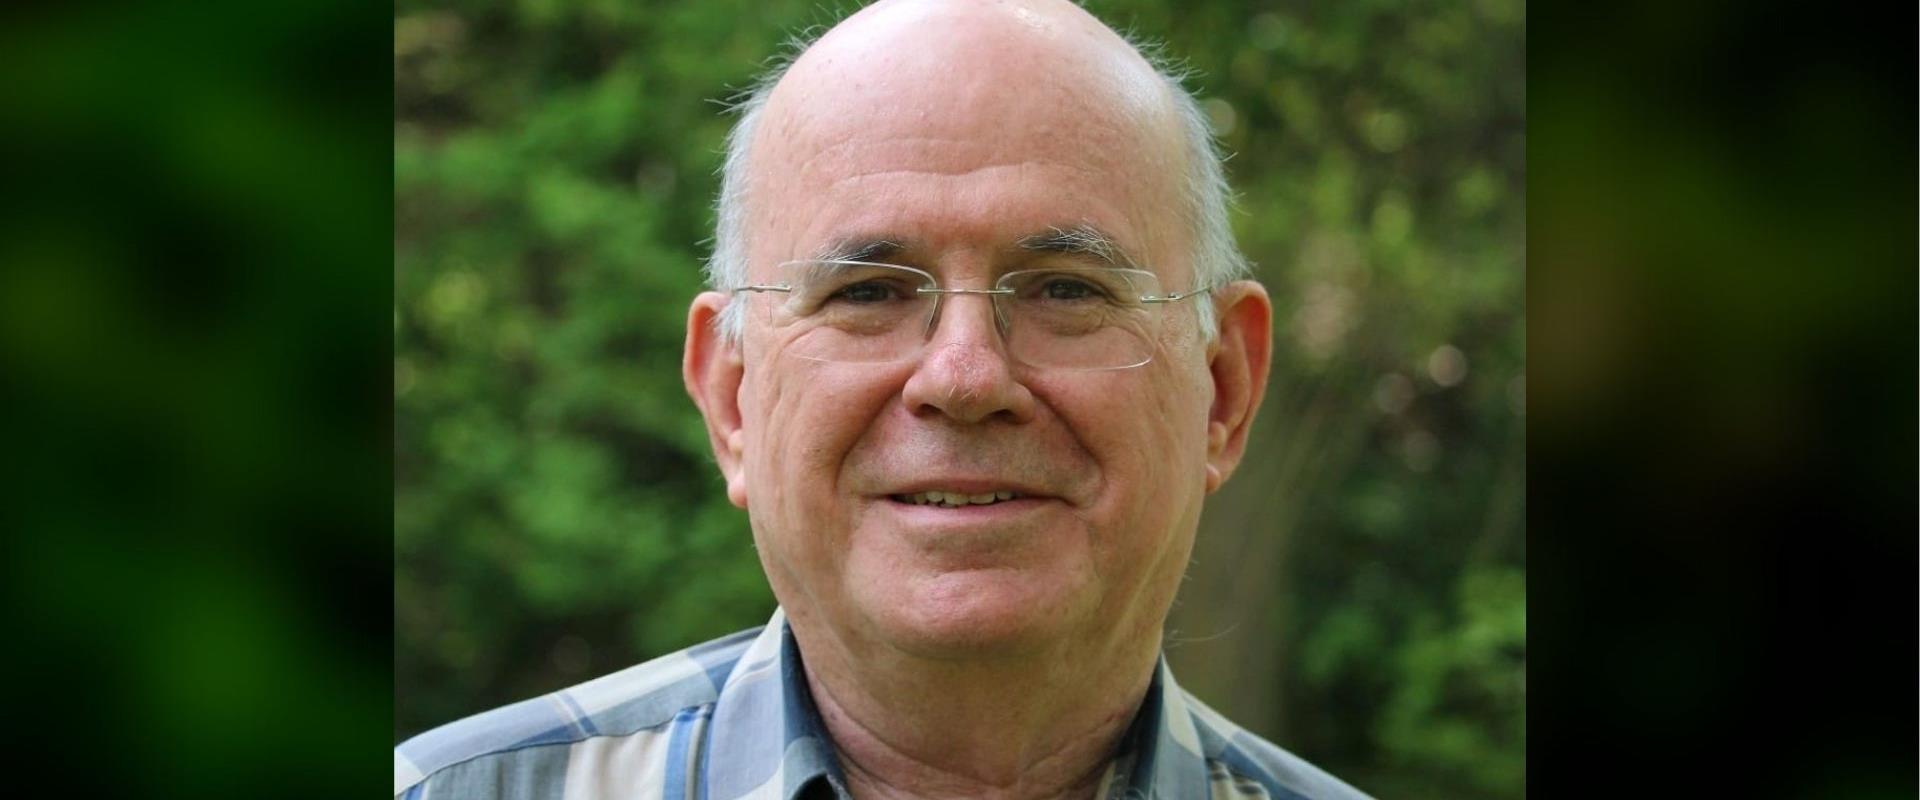 פרופסור אליעזר רבינוביץ'